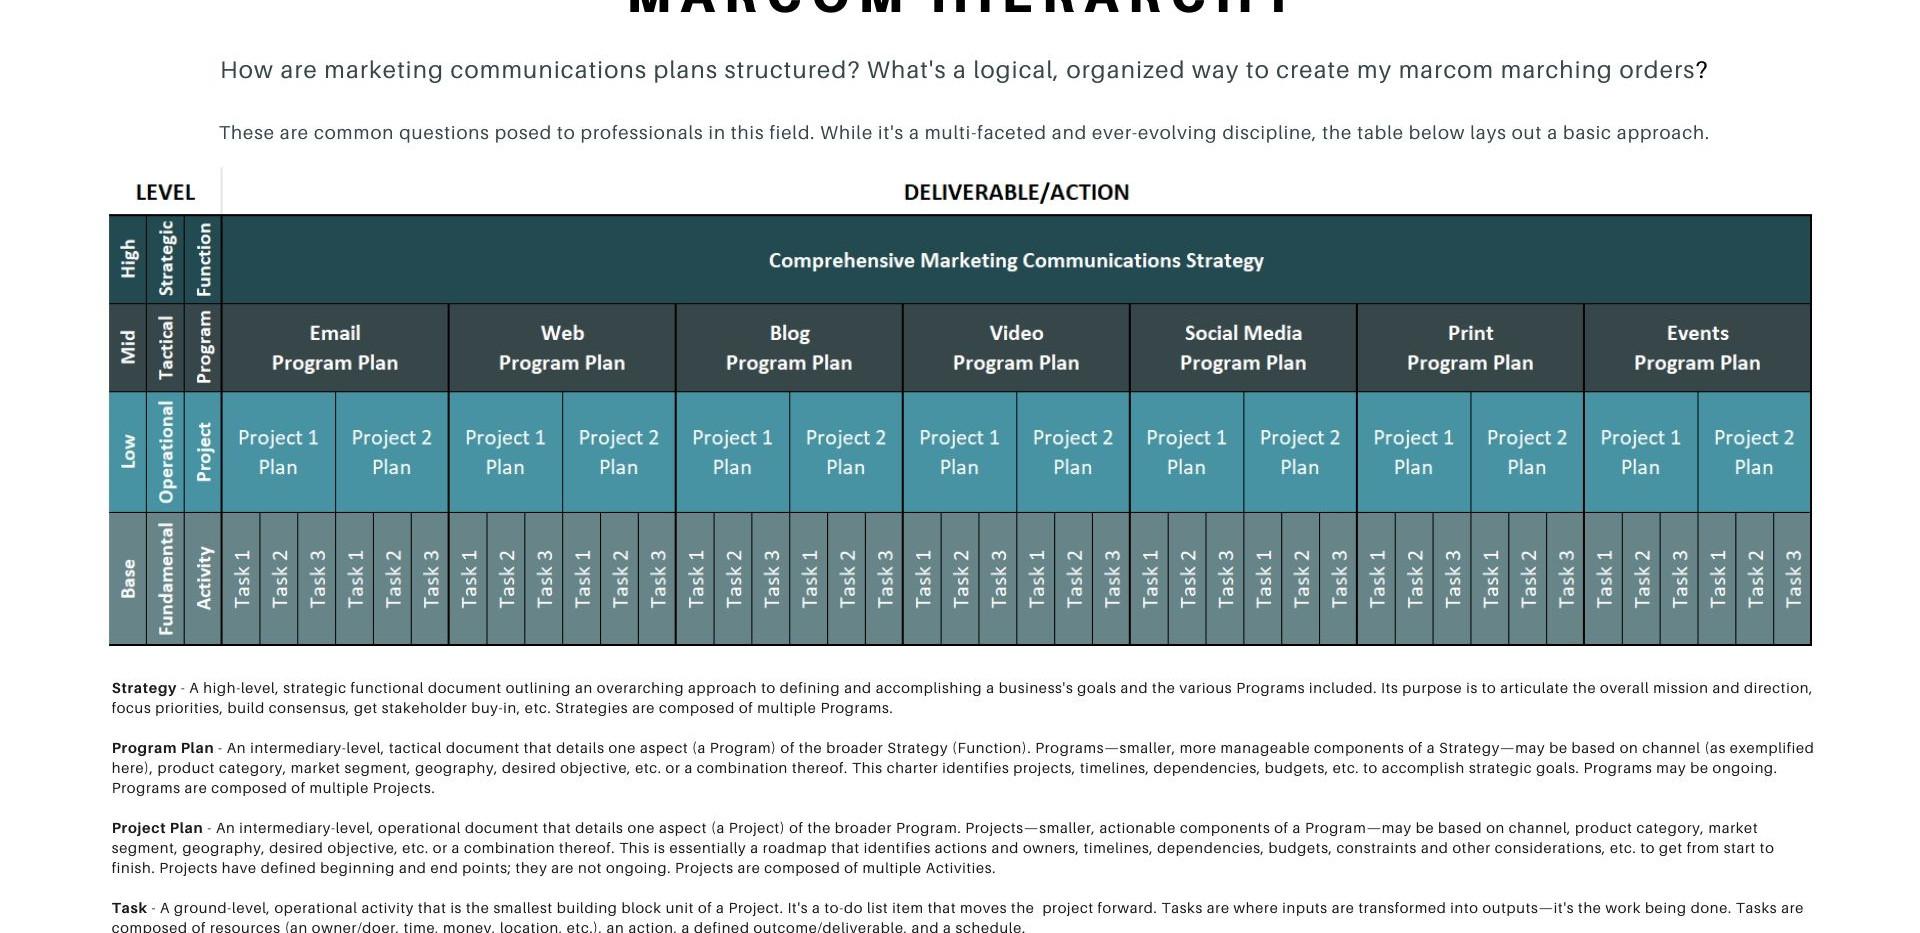 Marcom Hierarchy